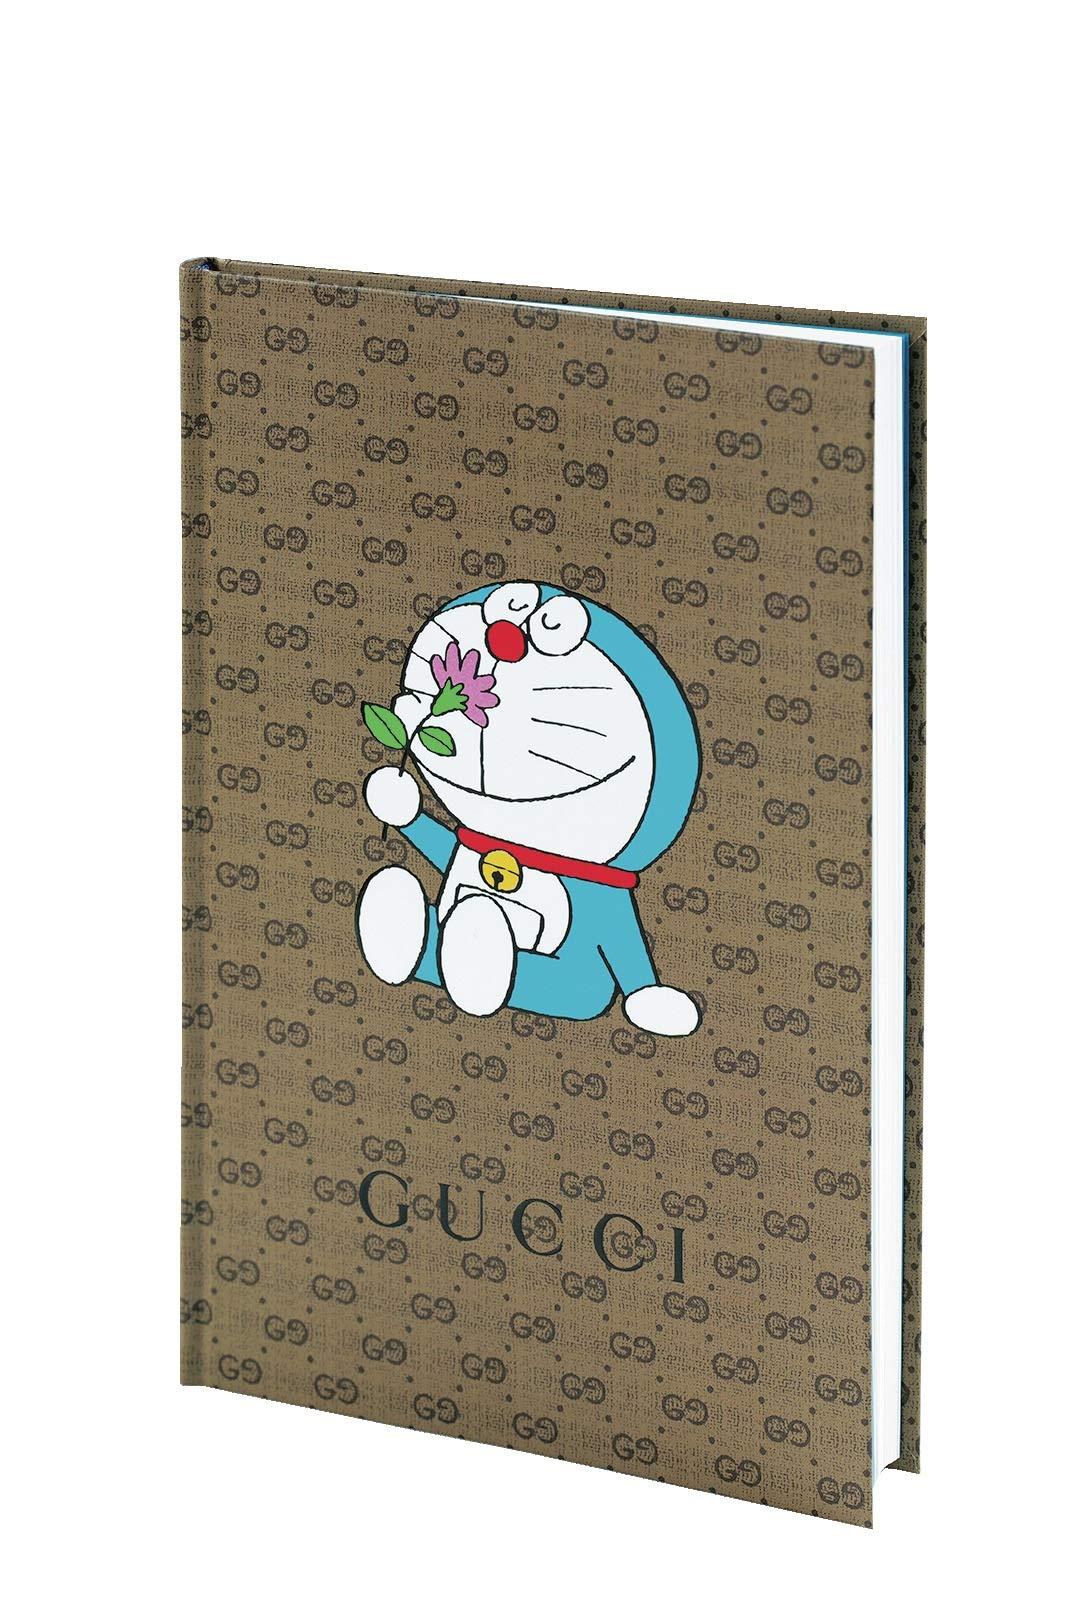 【時たま再開】雑誌の付録「ドラえもん×GUCCHI」はほぼ全て売り切れ。リアル店舗で狙おう。